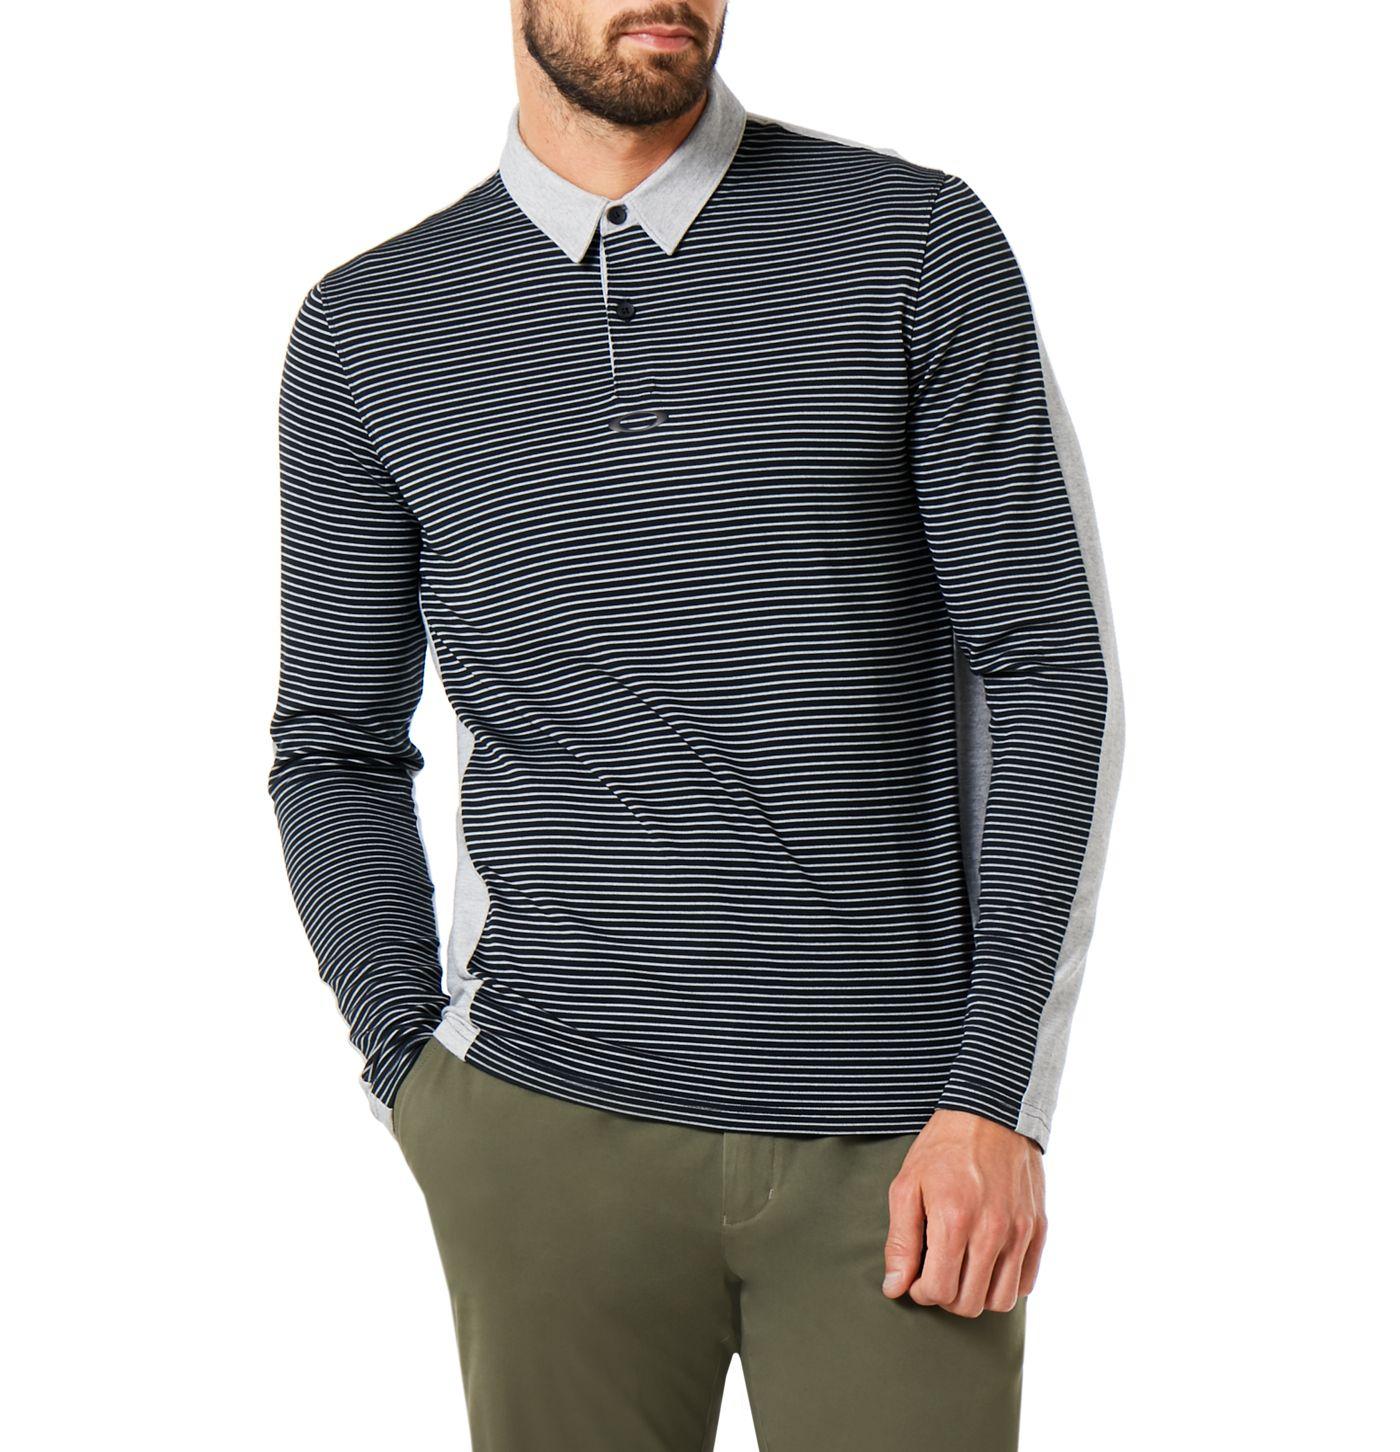 Oakley Men's Striped Long Sleeve Golf Polo